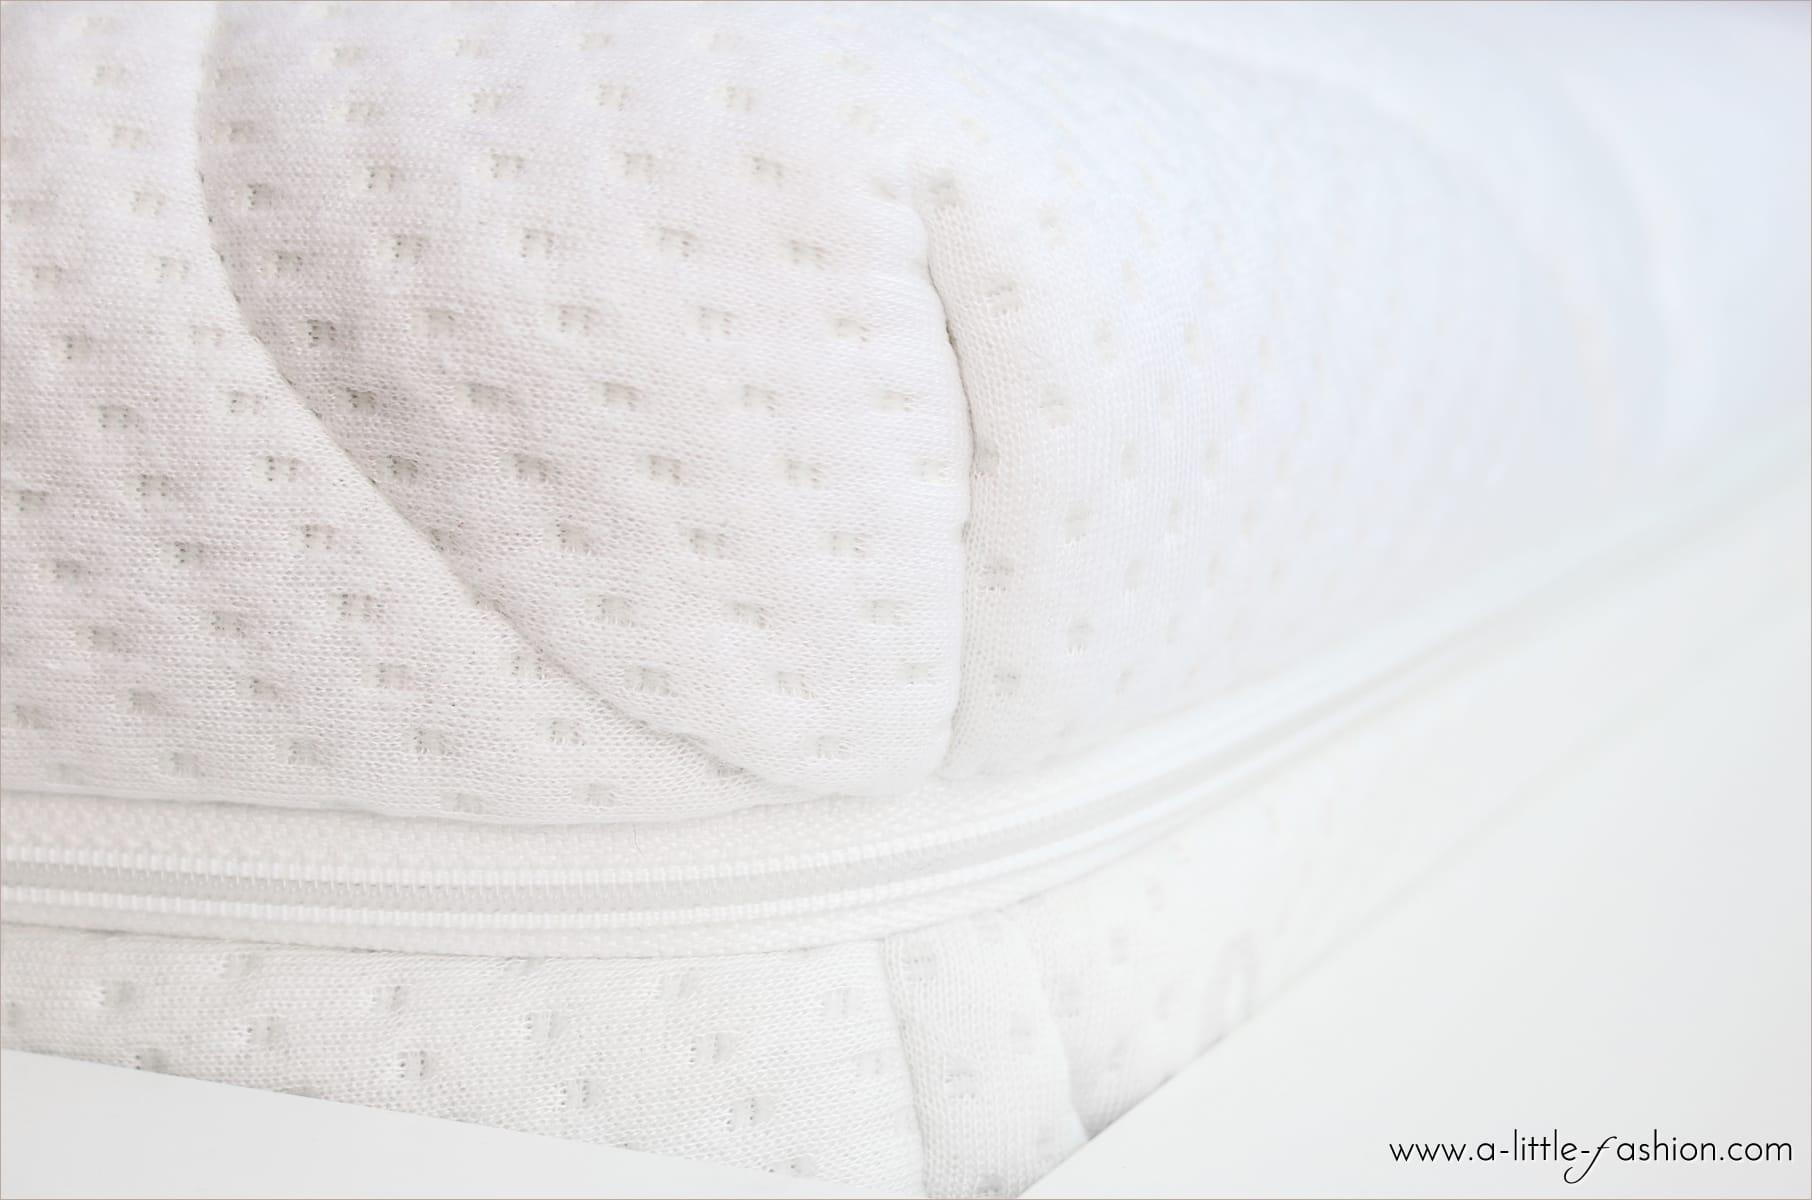 schlafzimmer-einrichtung_bett_boden_wand-farbe_matratze-matrazzo2-min